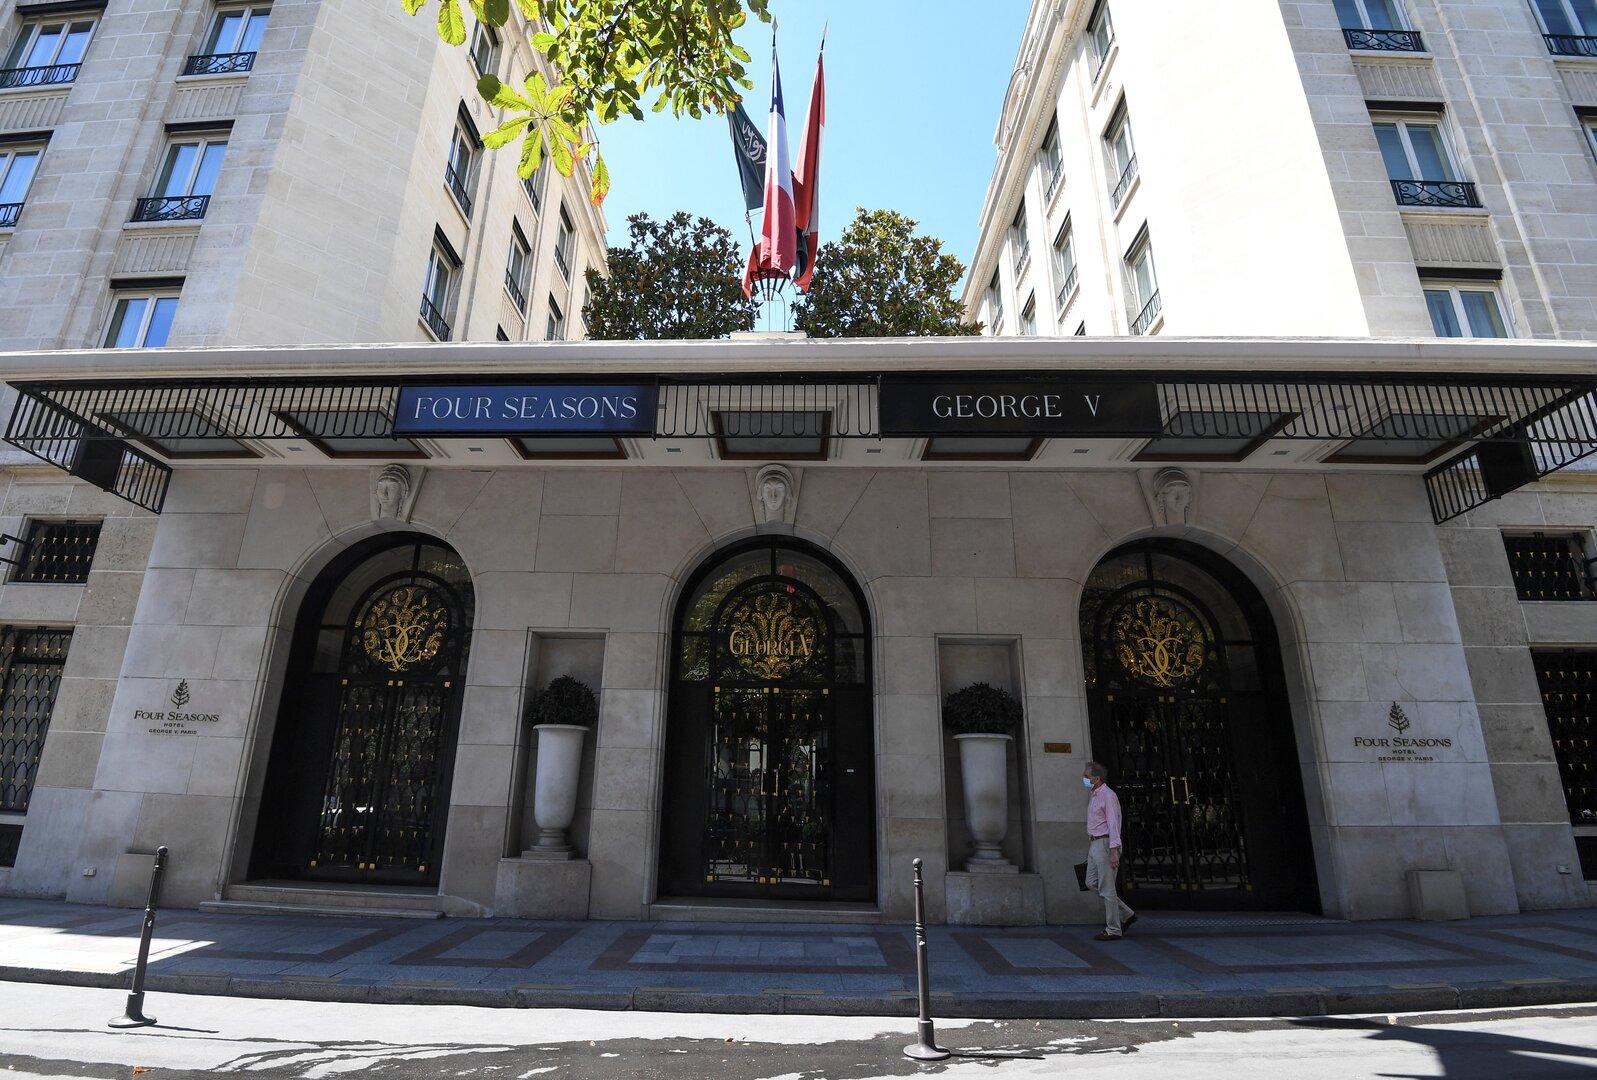 سرقة مجوهرات بقيمة 100 ألف يورو بهجوم مسلحين على فندق فاخر في باريس